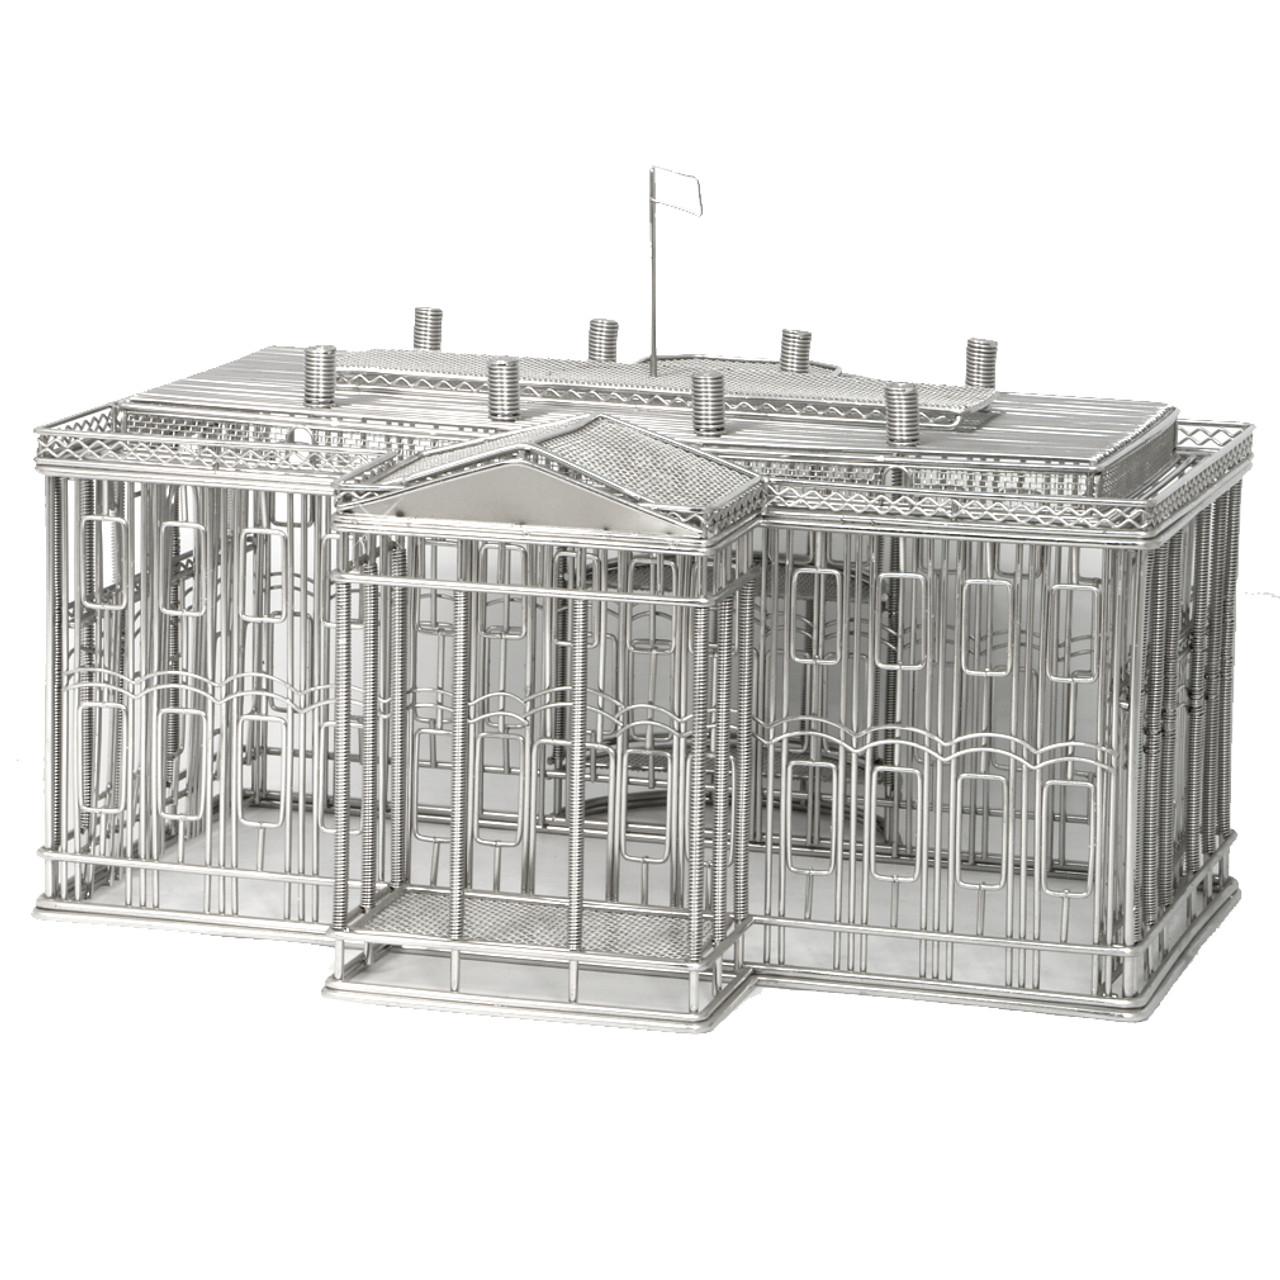 White House Wire Model, Steel Replica